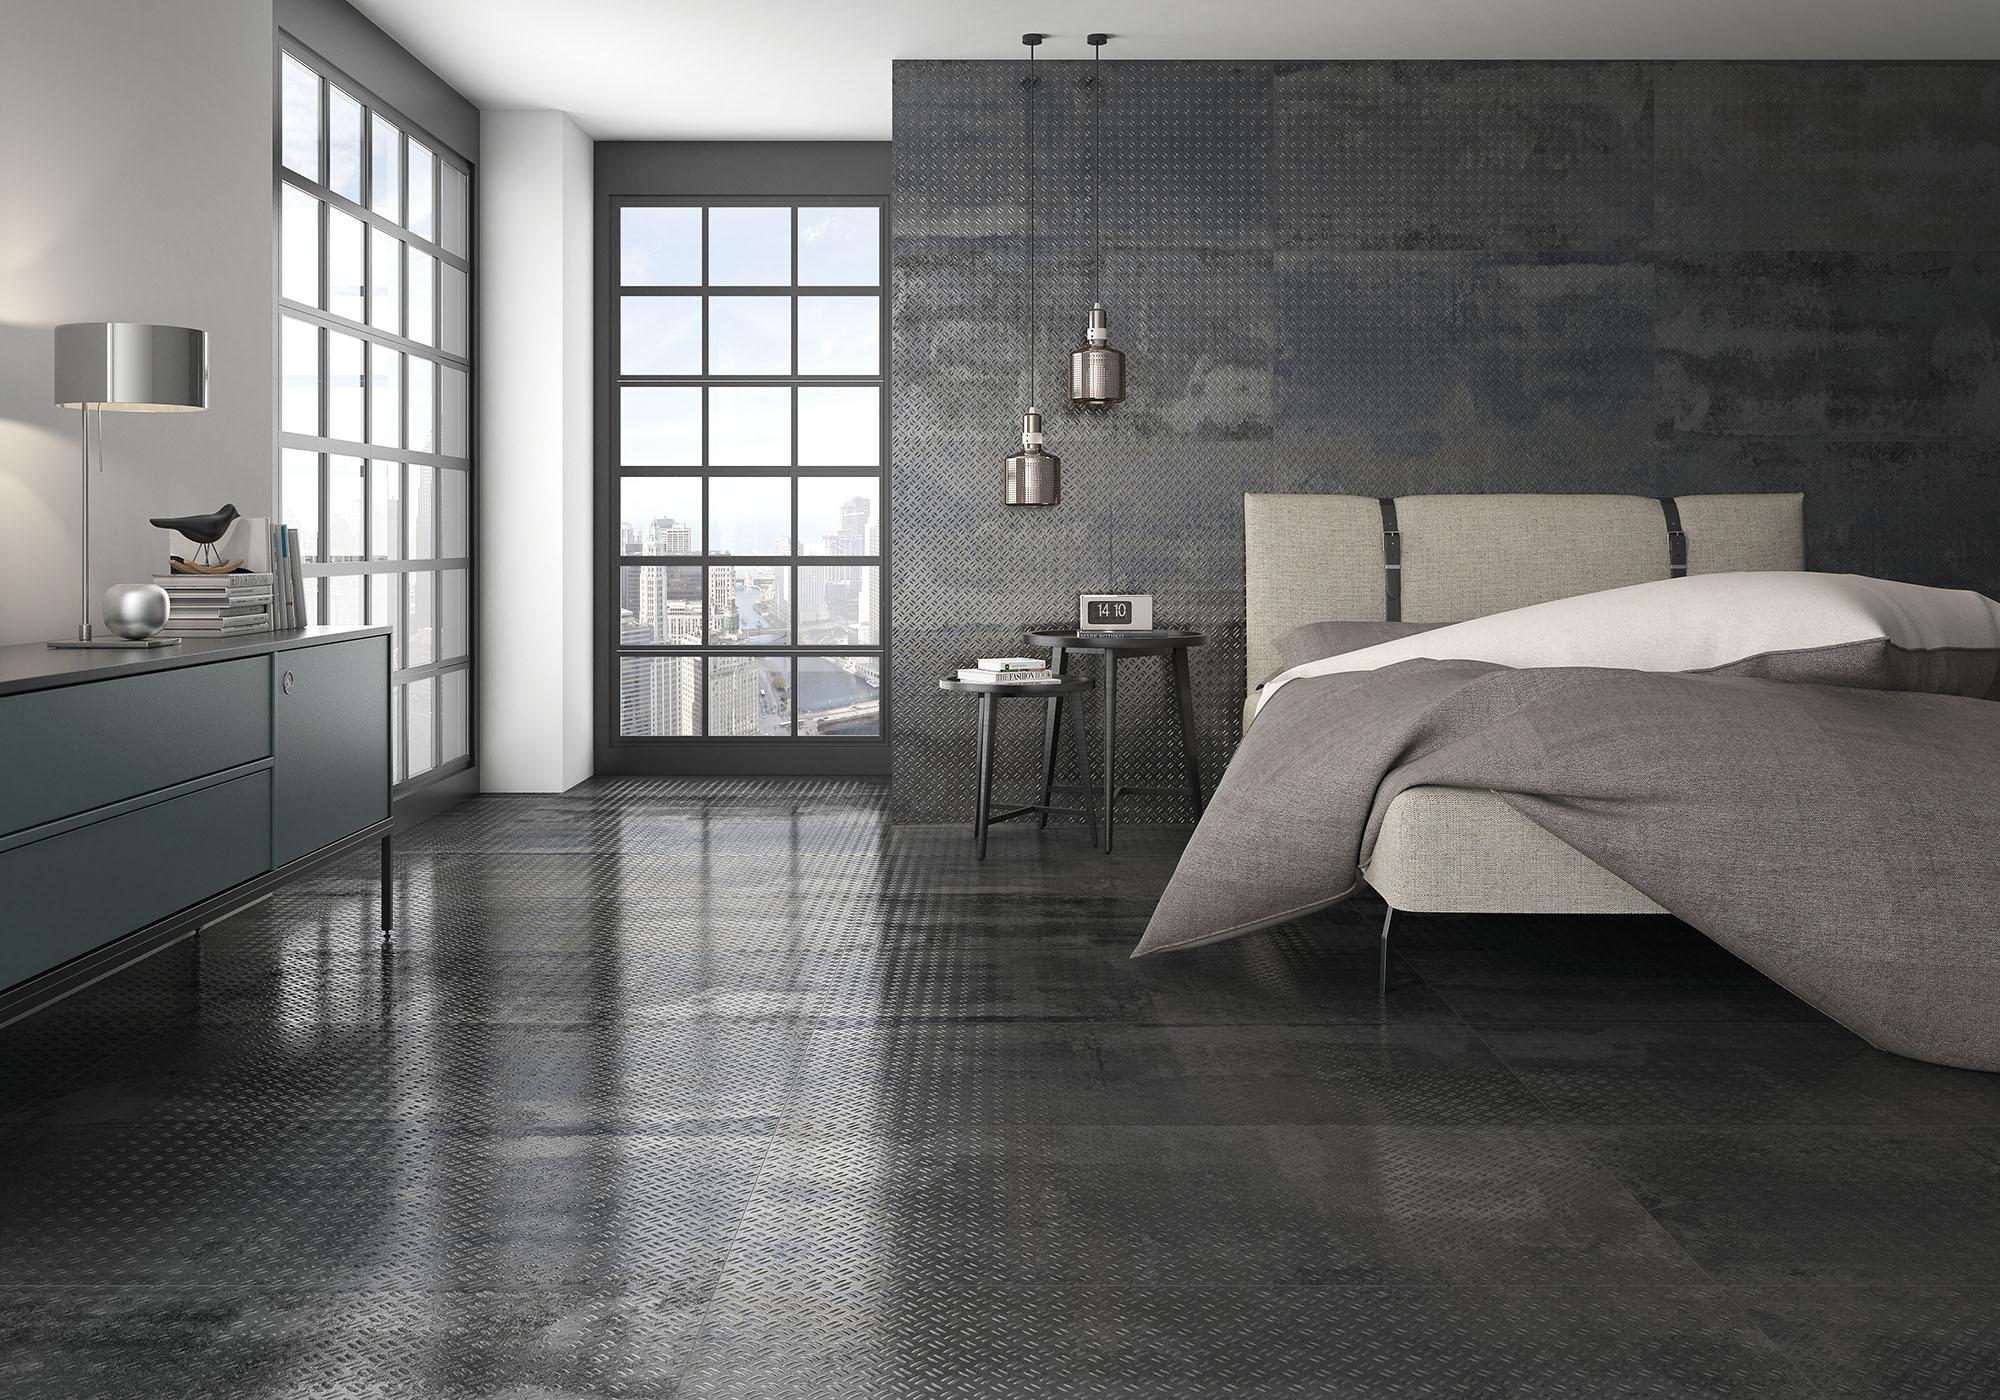 carrelages xxl carrelages import. Black Bedroom Furniture Sets. Home Design Ideas